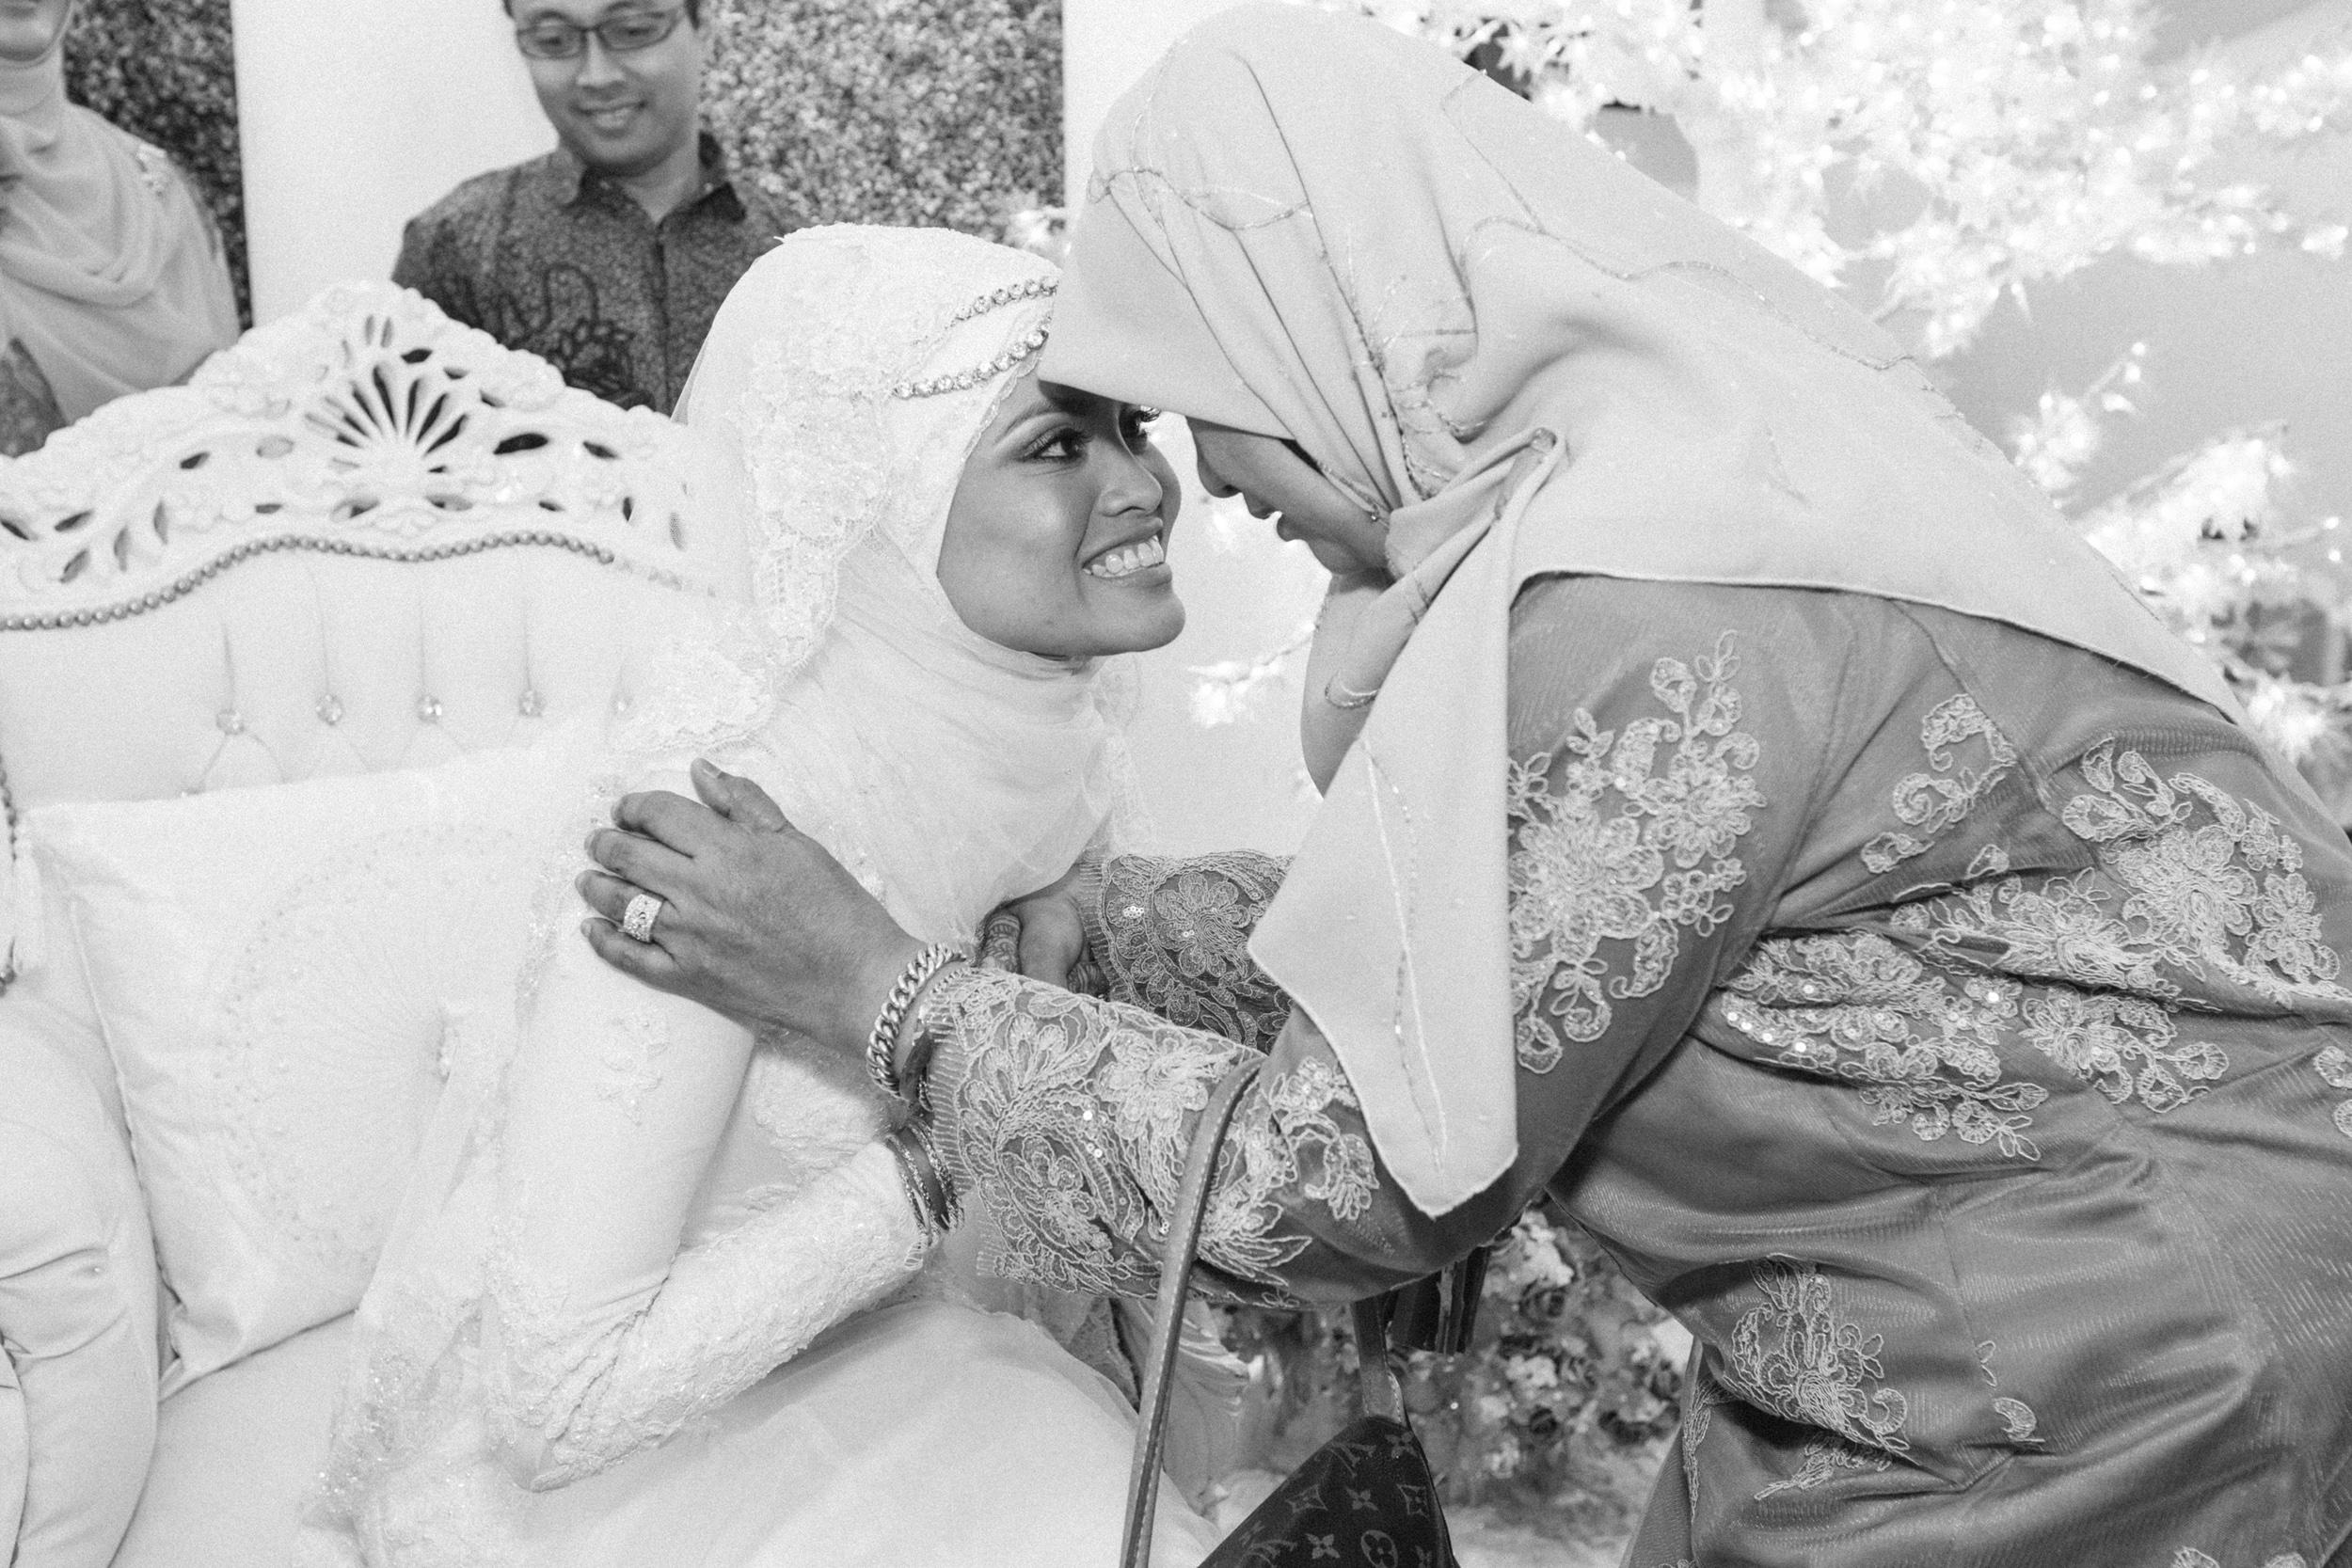 singapore-wedding-photographer-wemadethese-shikin-yanho-030.jpg